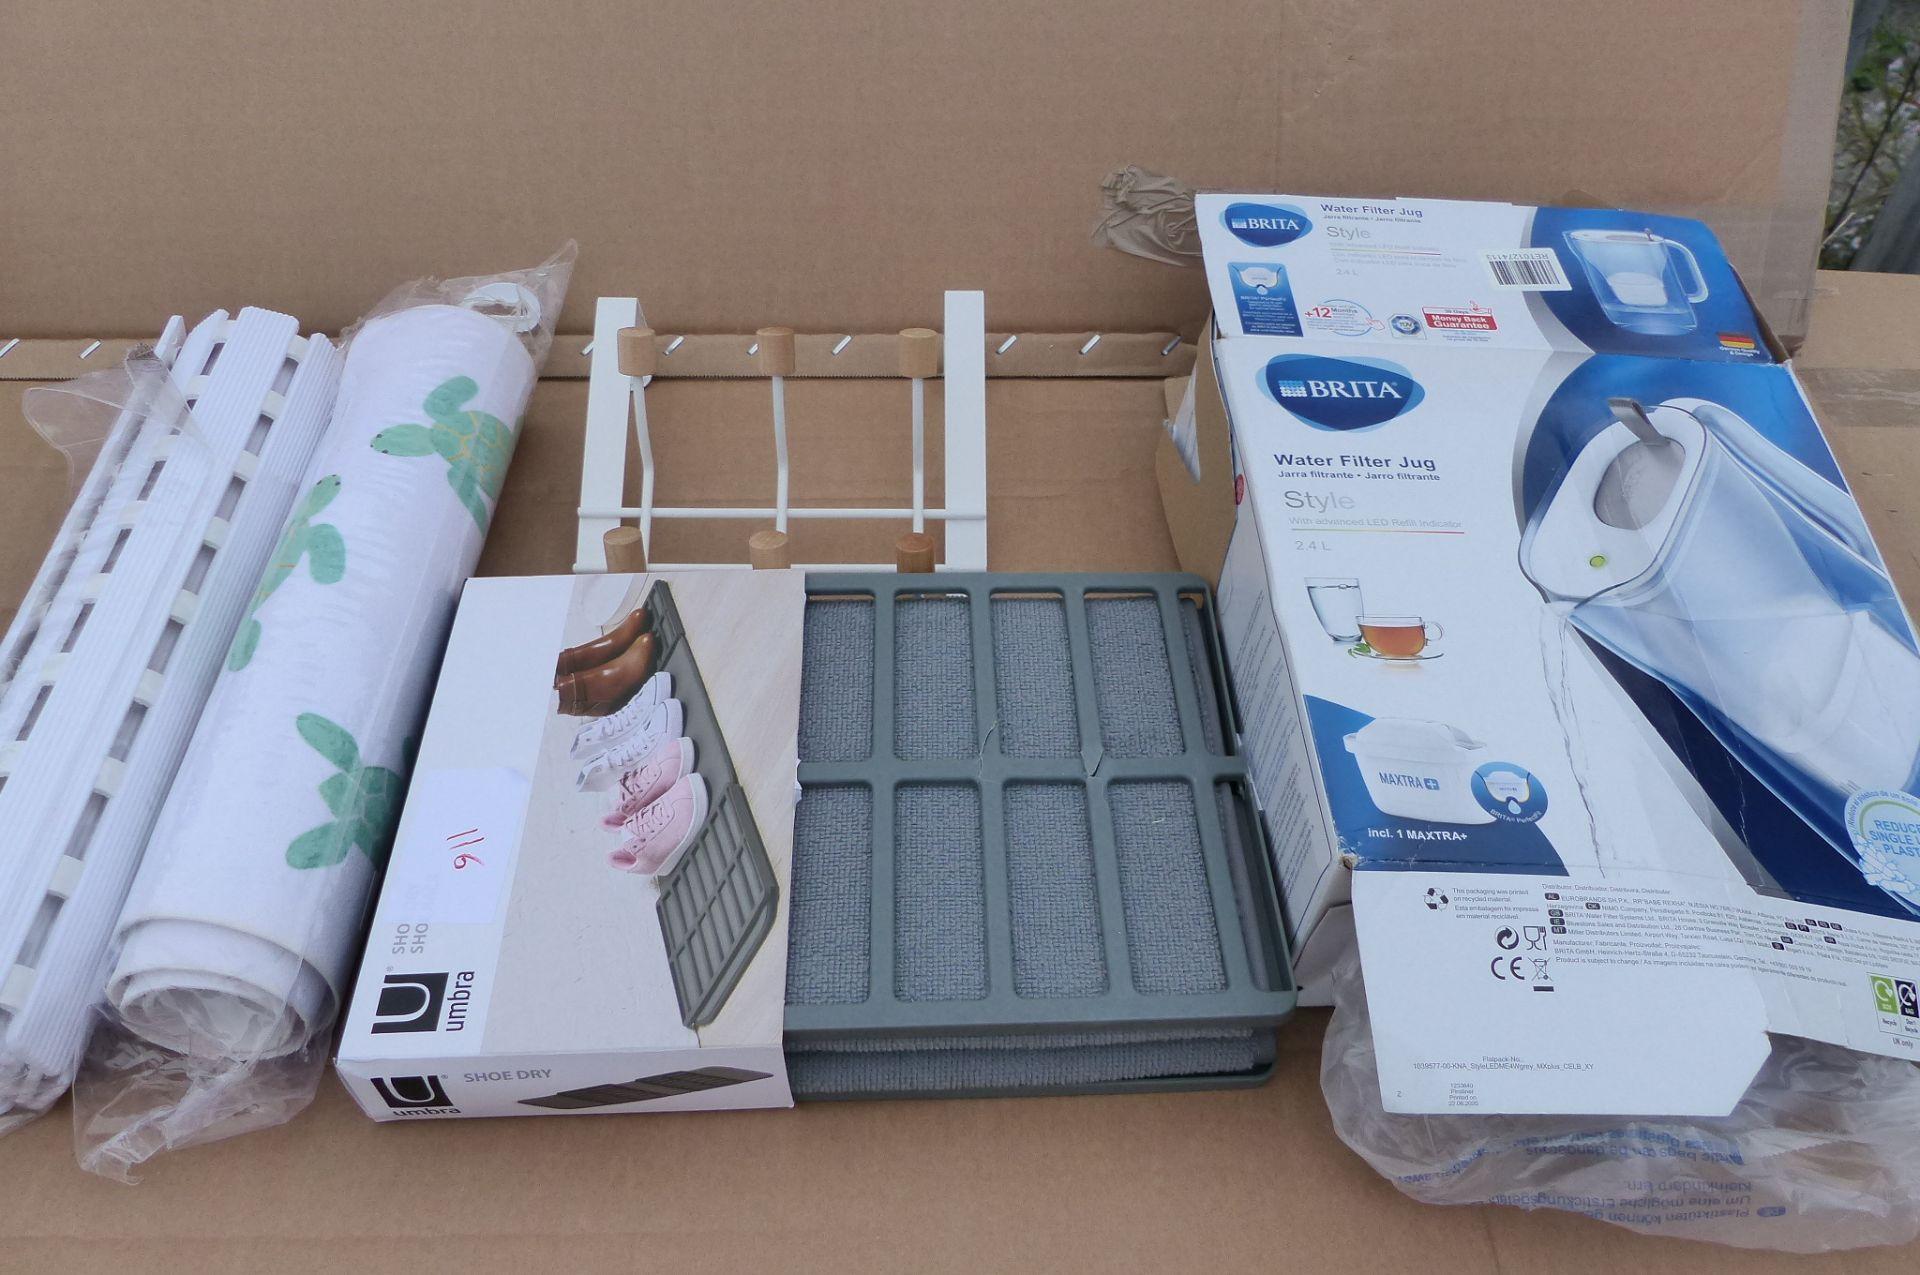 5 items Britta water filter, Umbra shoe mat and shower mats